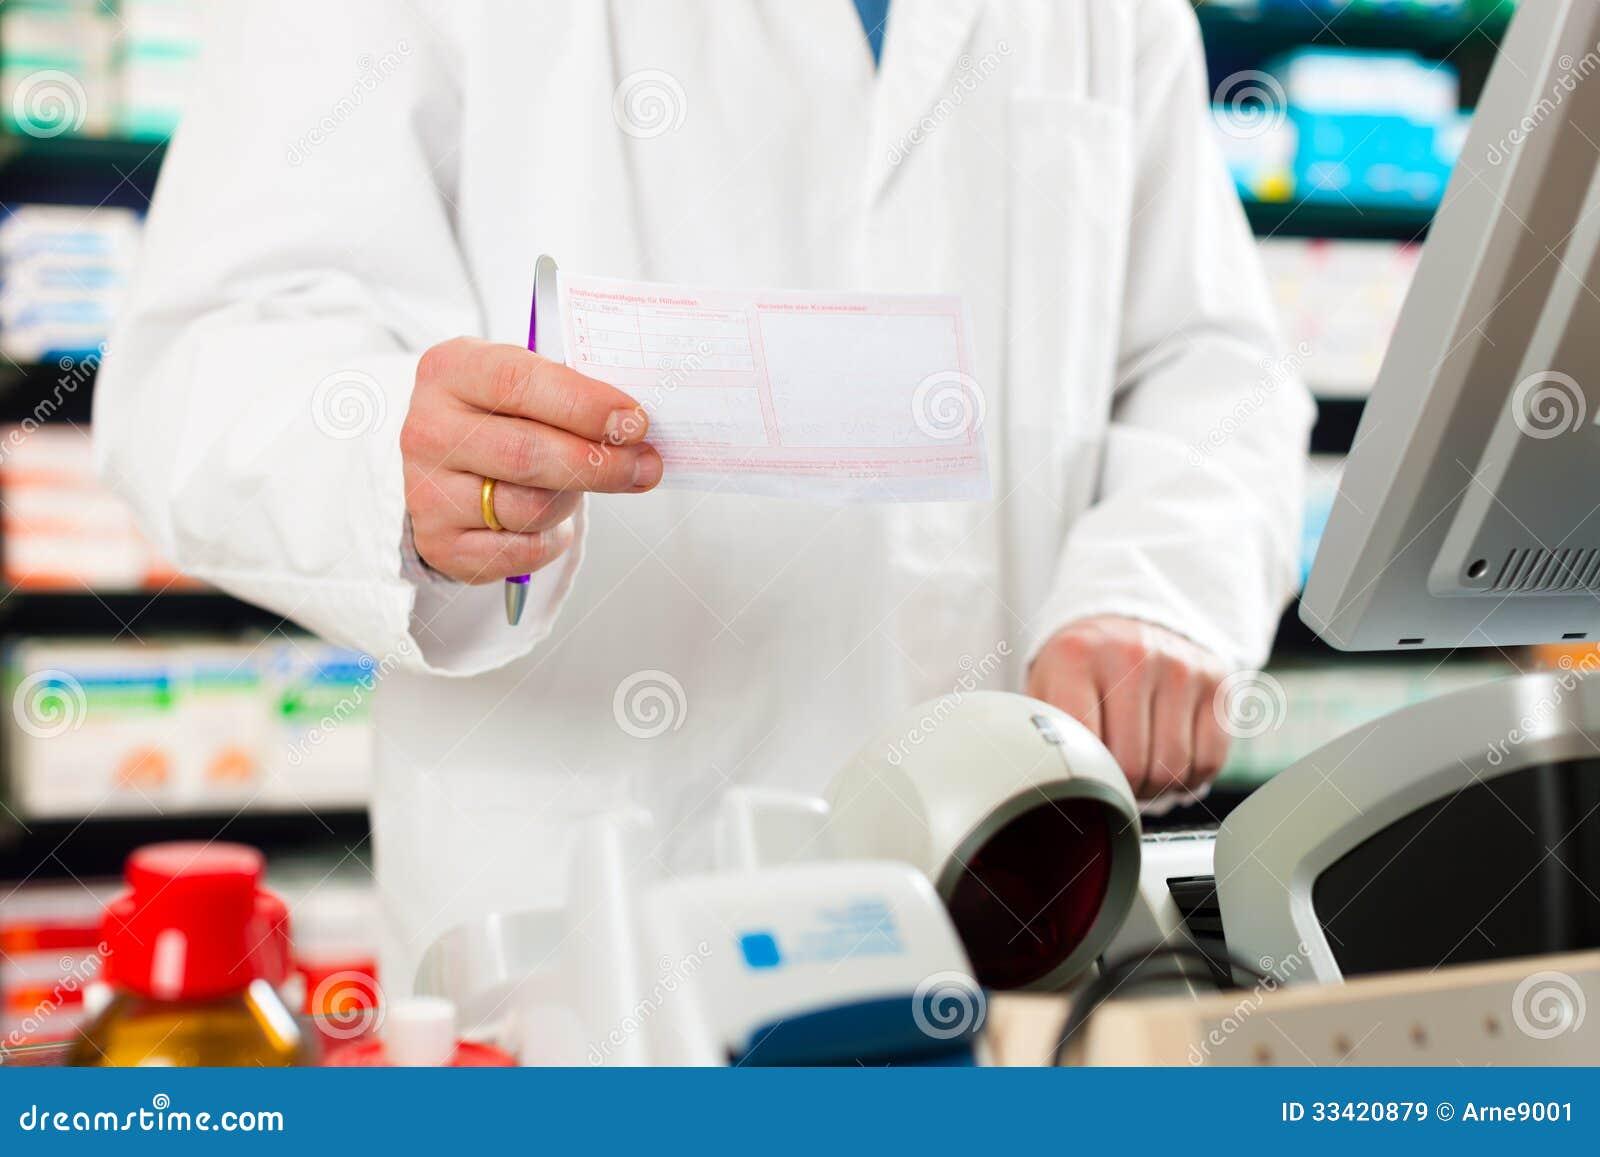 pharmacist prescription slip in pharmacy royalty free